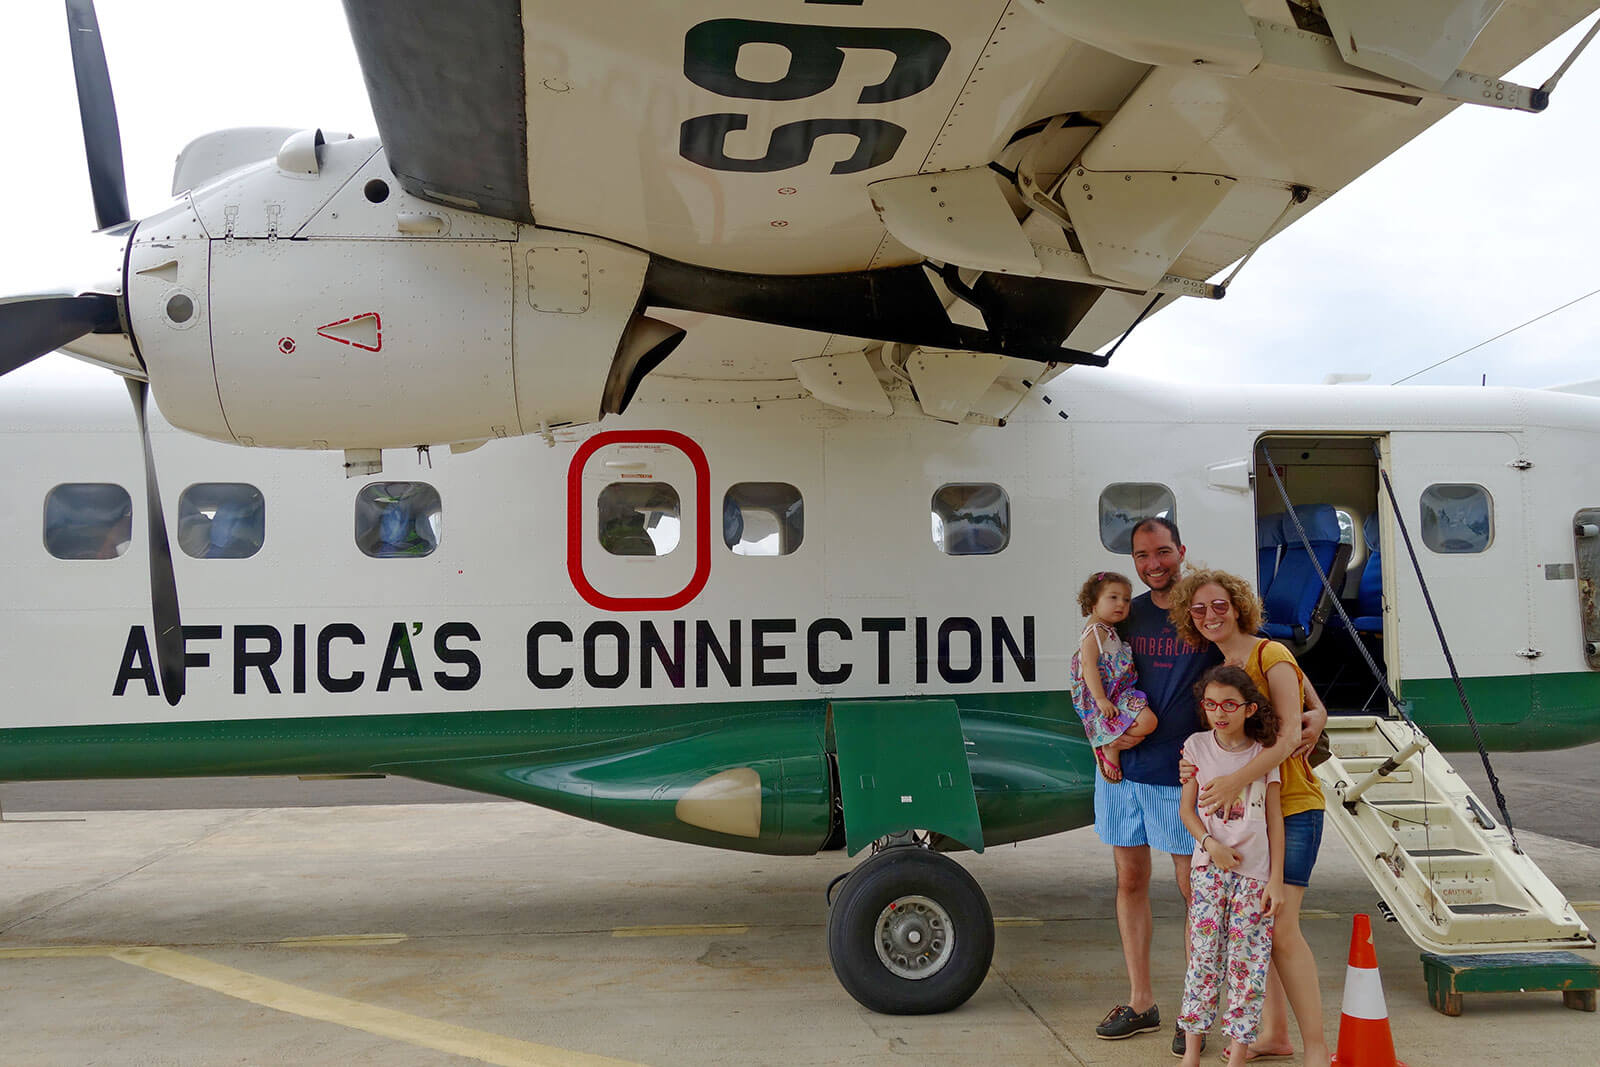 Família da Rita Aleluia junto a avião verde e branco da Africa's Connection